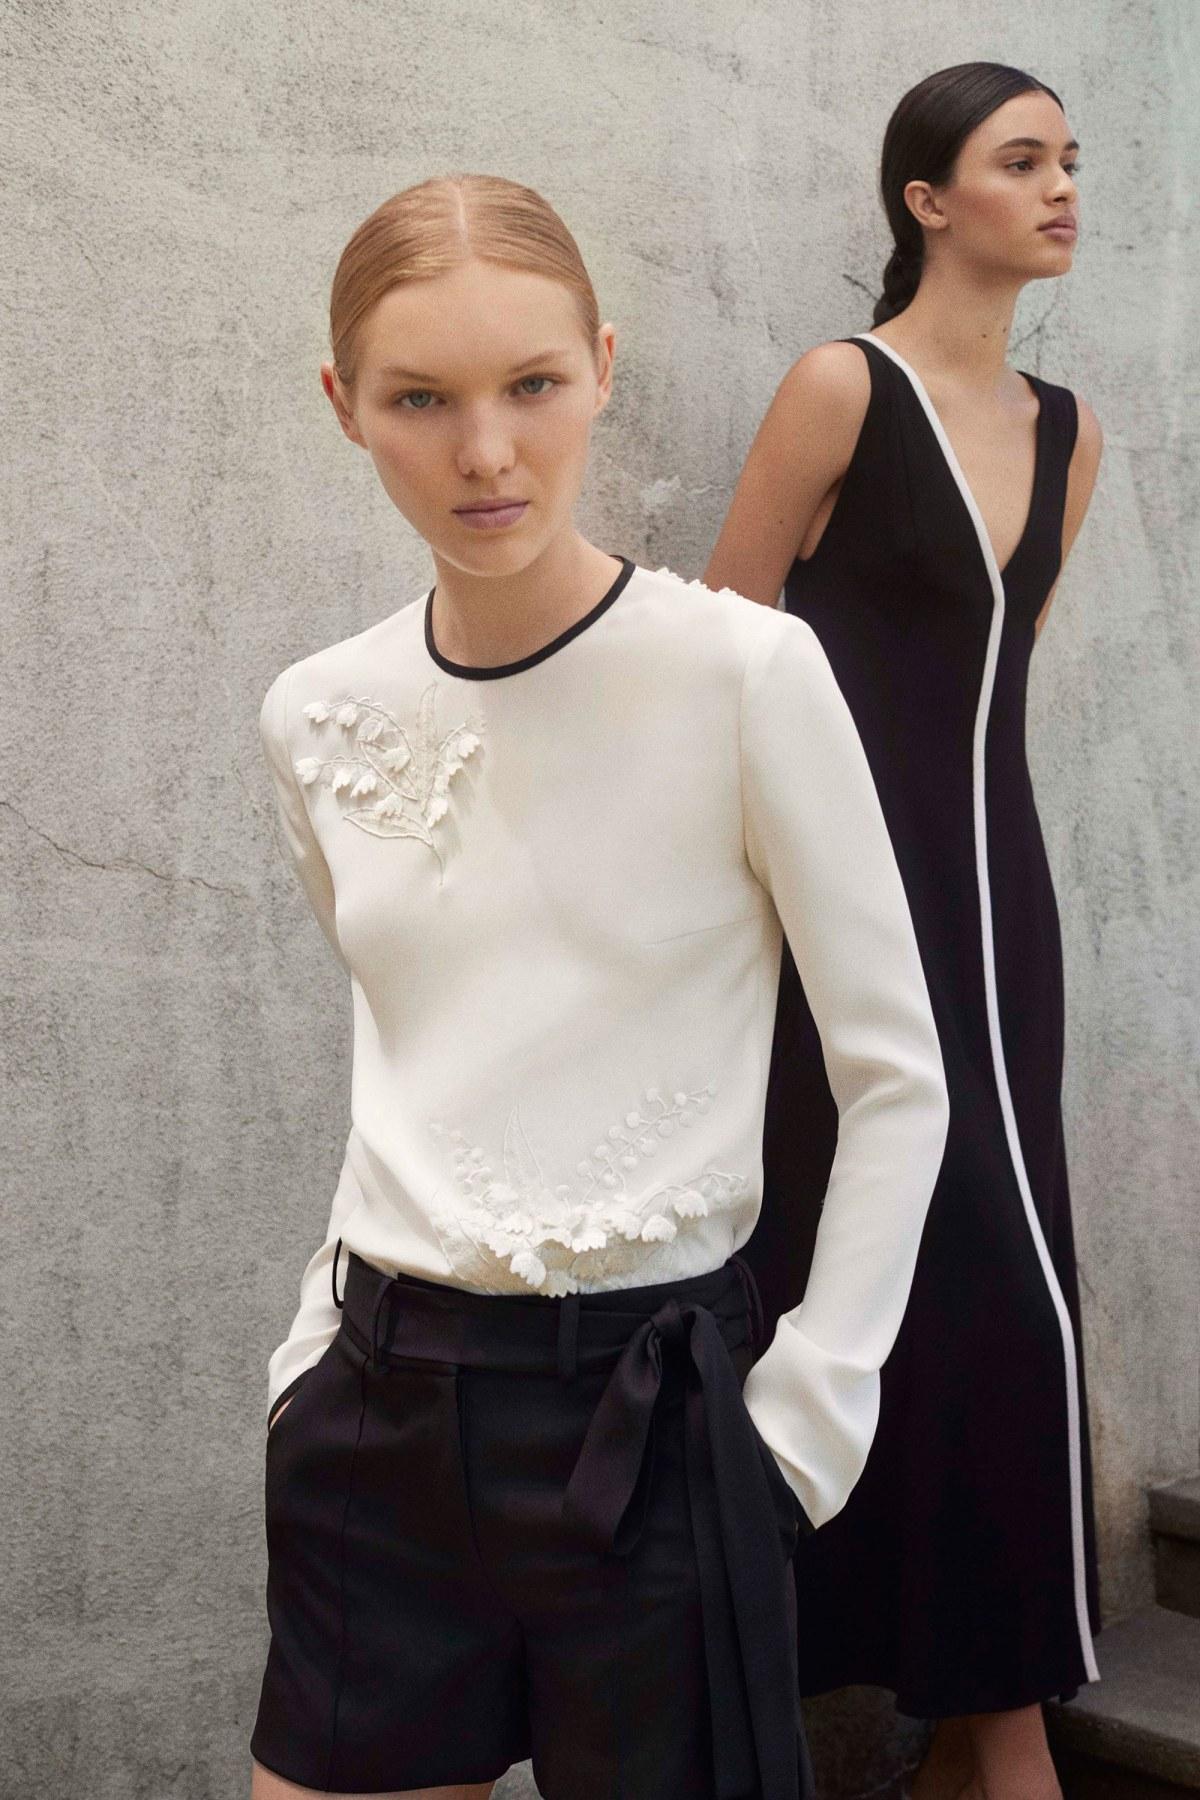 Image via Vogue